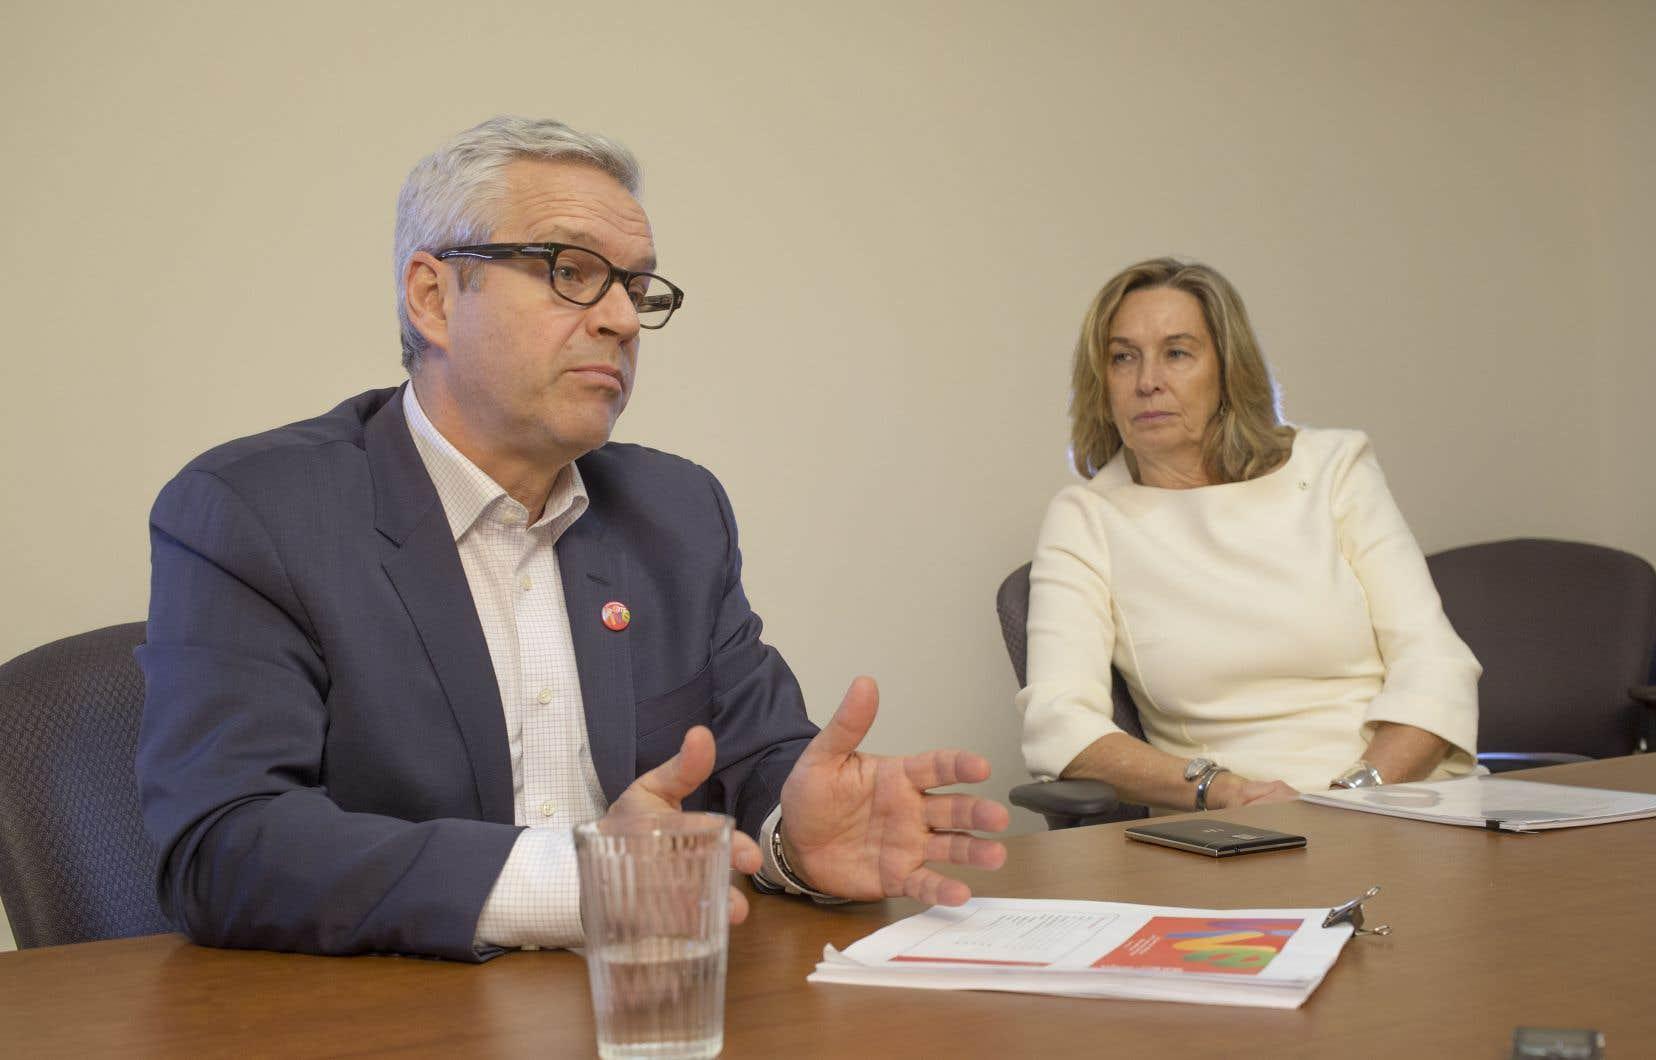 Le directeur général et la présidente de la Société des célébrations du 375eanniversaire de Montréal, Alain Gignac et France Chrétien Desmarais, estiment que l'année de célébrations a été un succès.